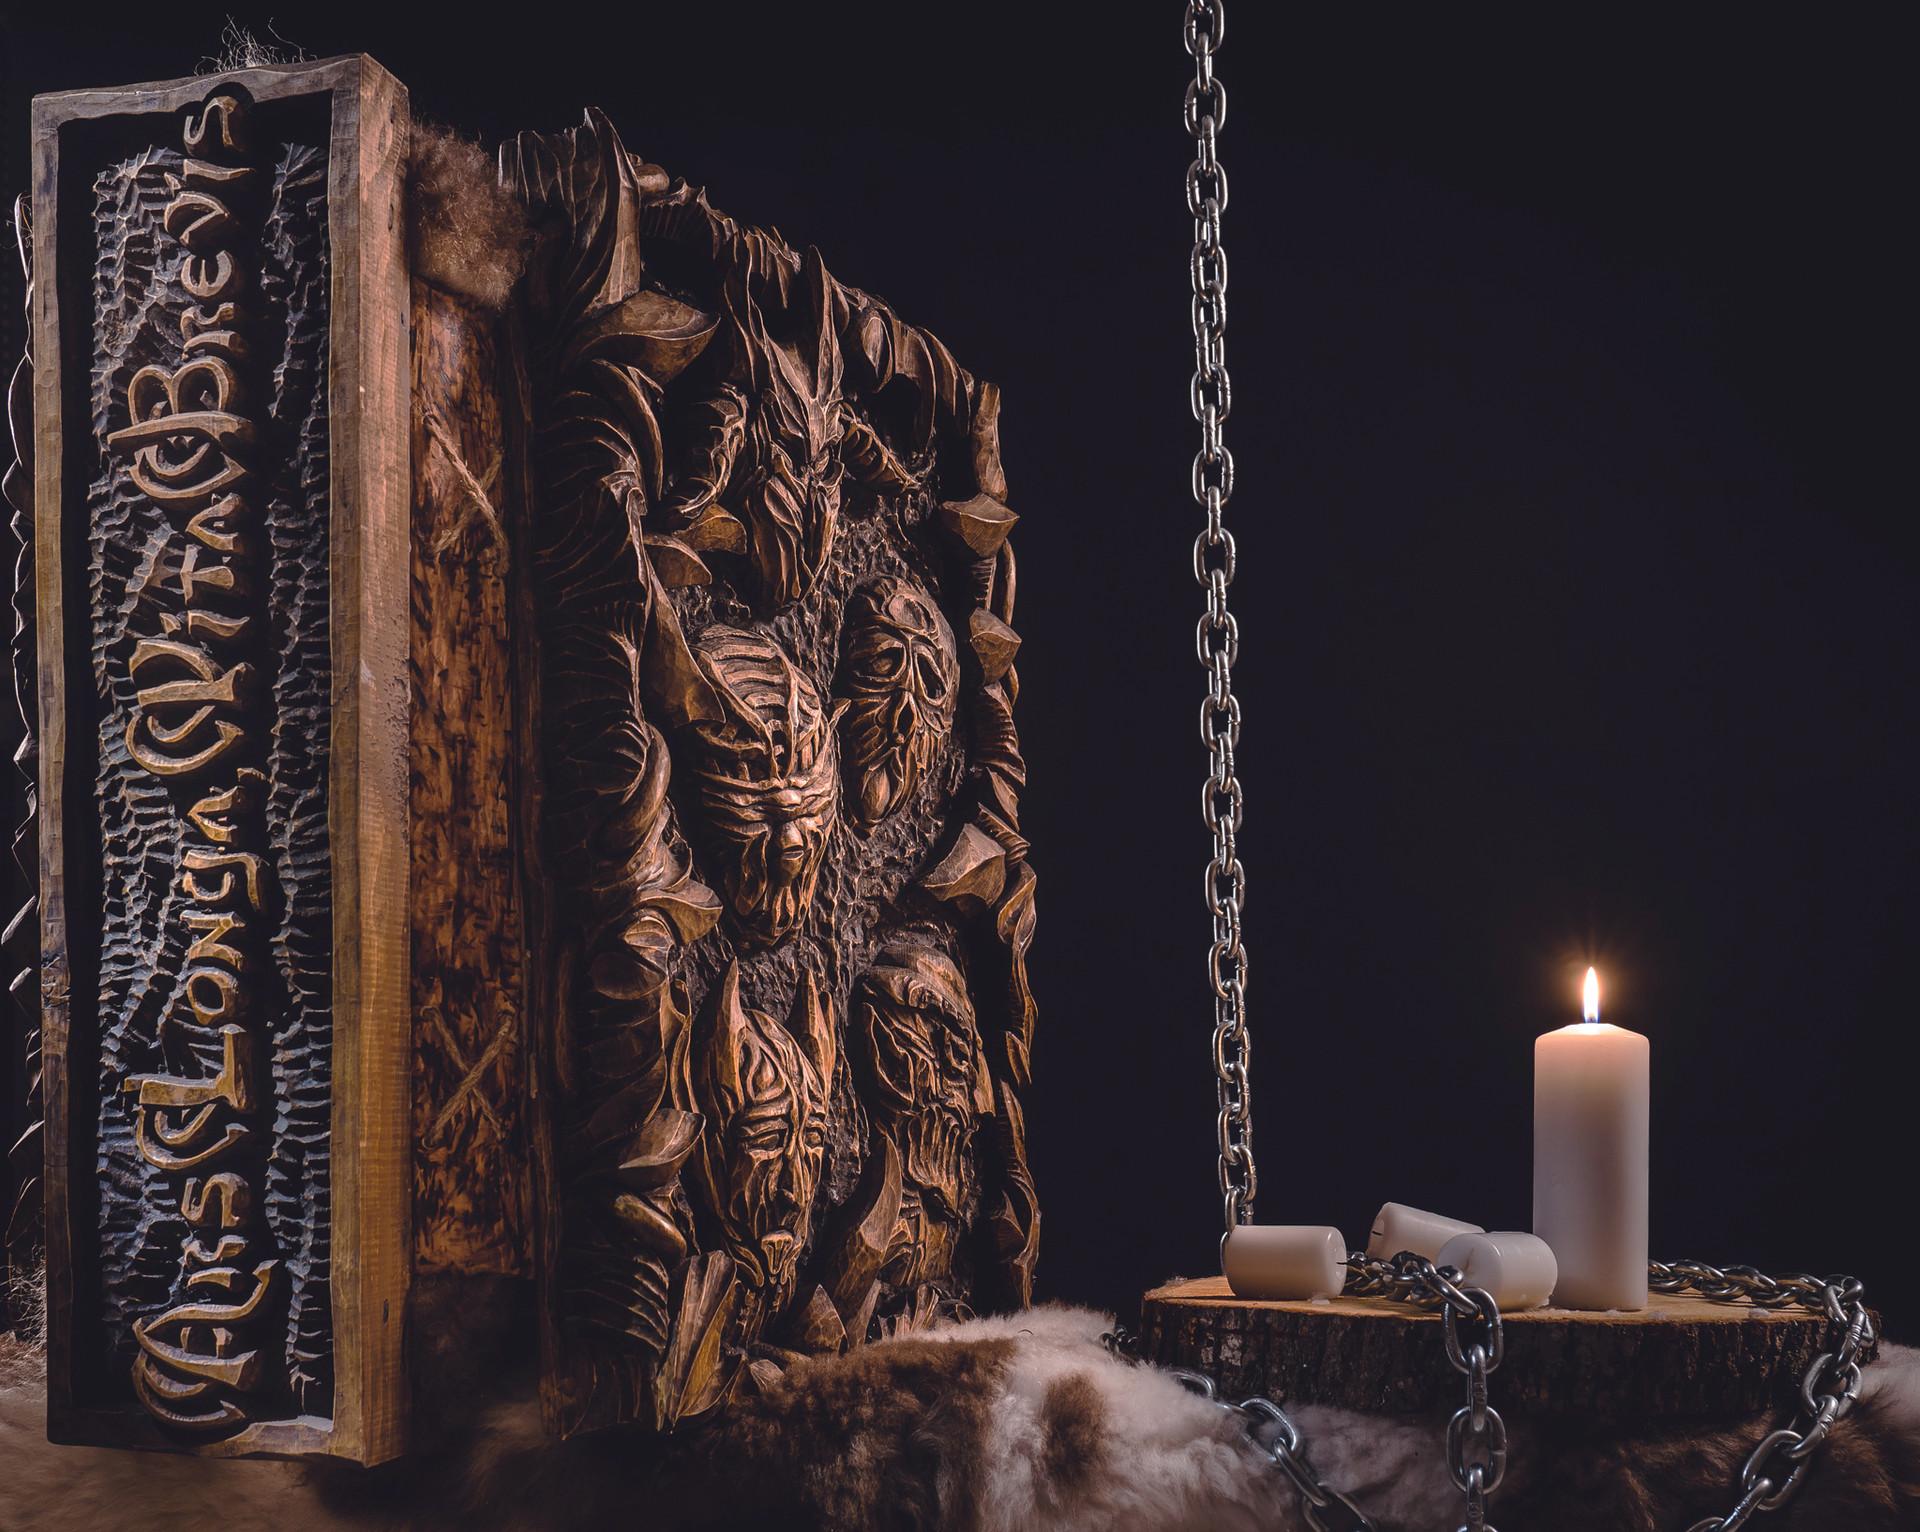 Book of Books